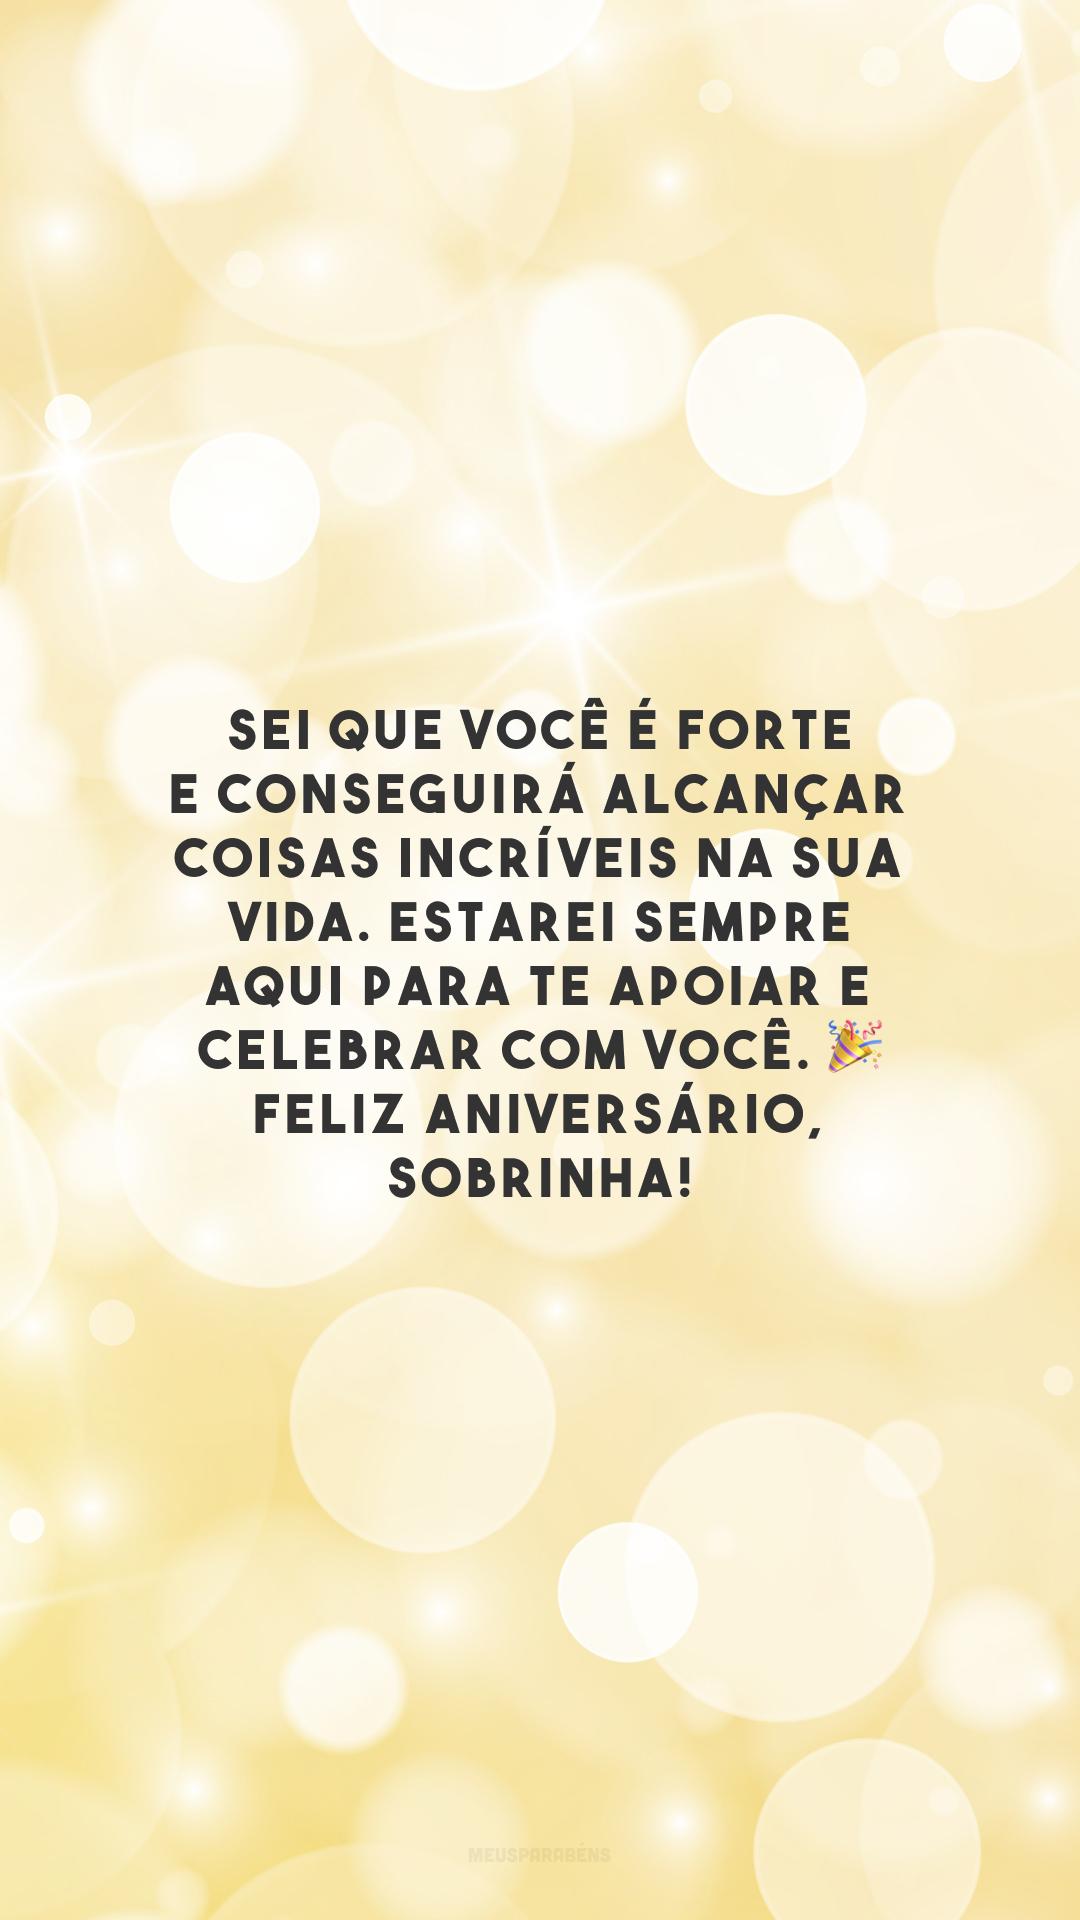 Sei que você é forte e conseguirá alcançar coisas incríveis na sua vida. Estarei sempre aqui para te apoiar e celebrar com você. 🎉 Feliz aniversário, sobrinha!